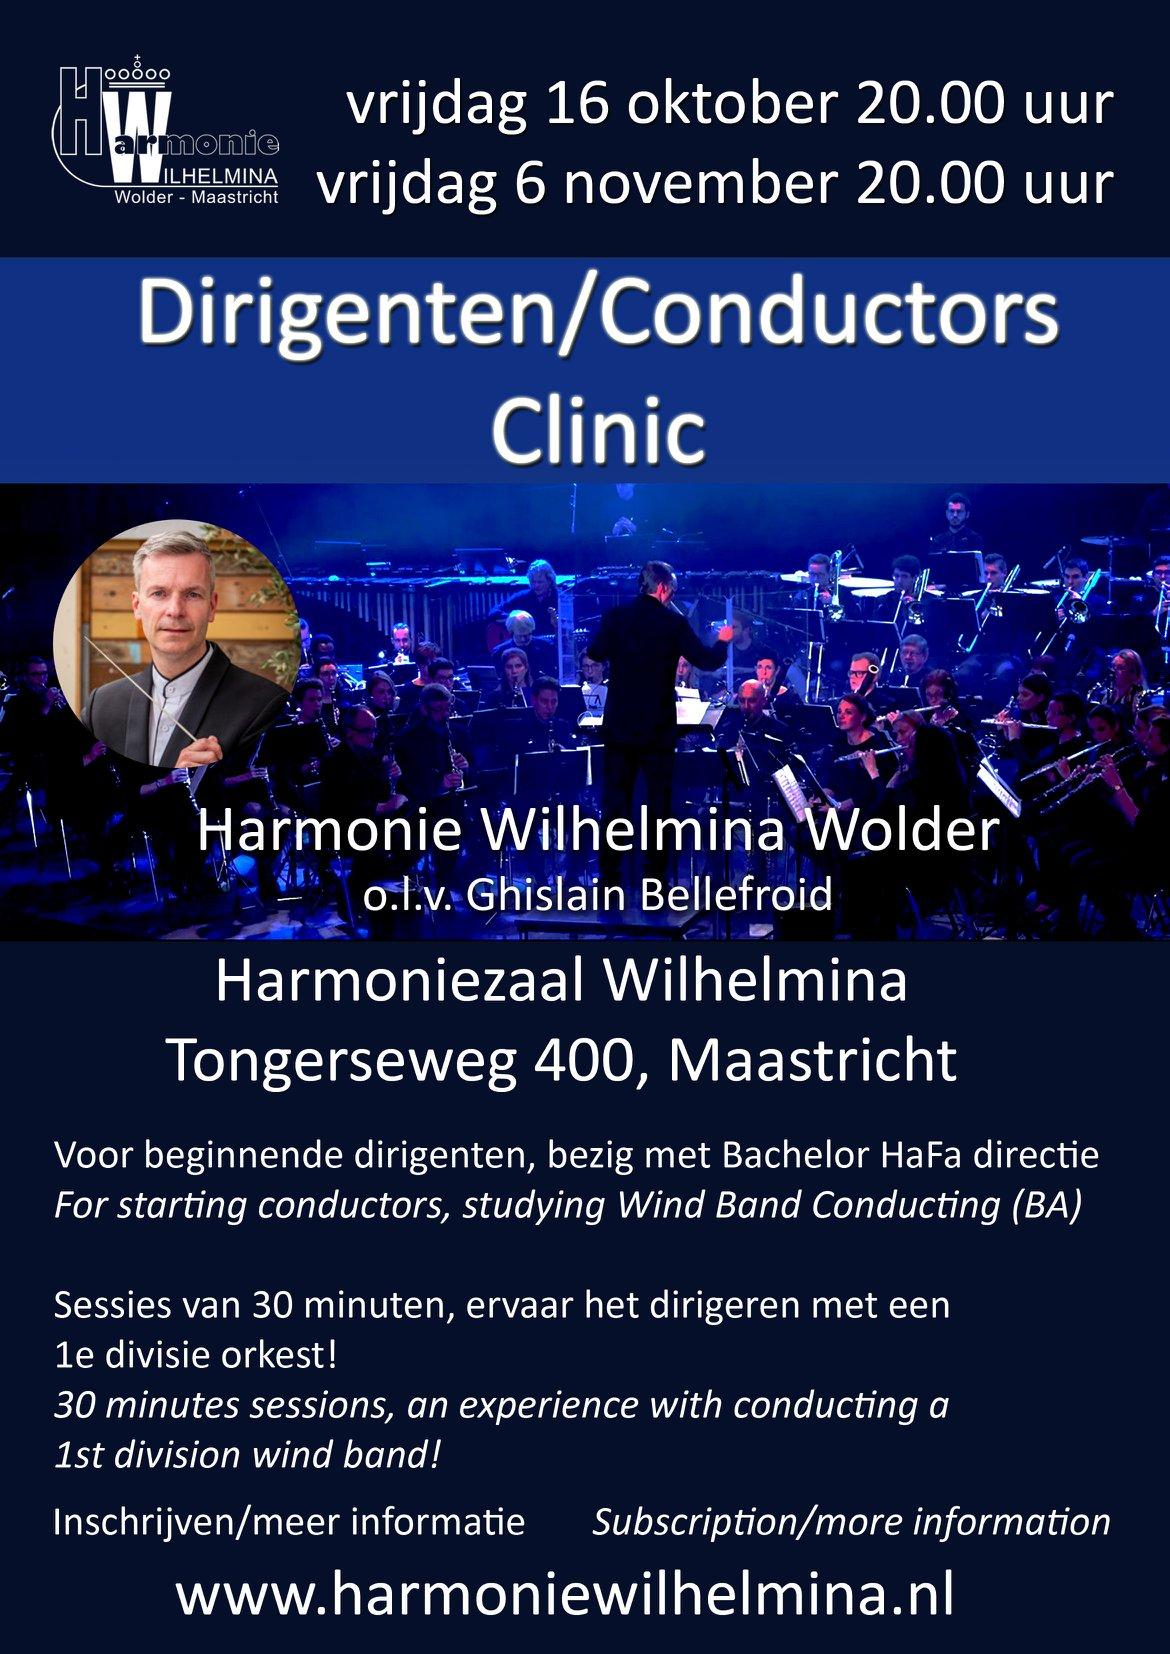 Dirigentenclinic Wolders